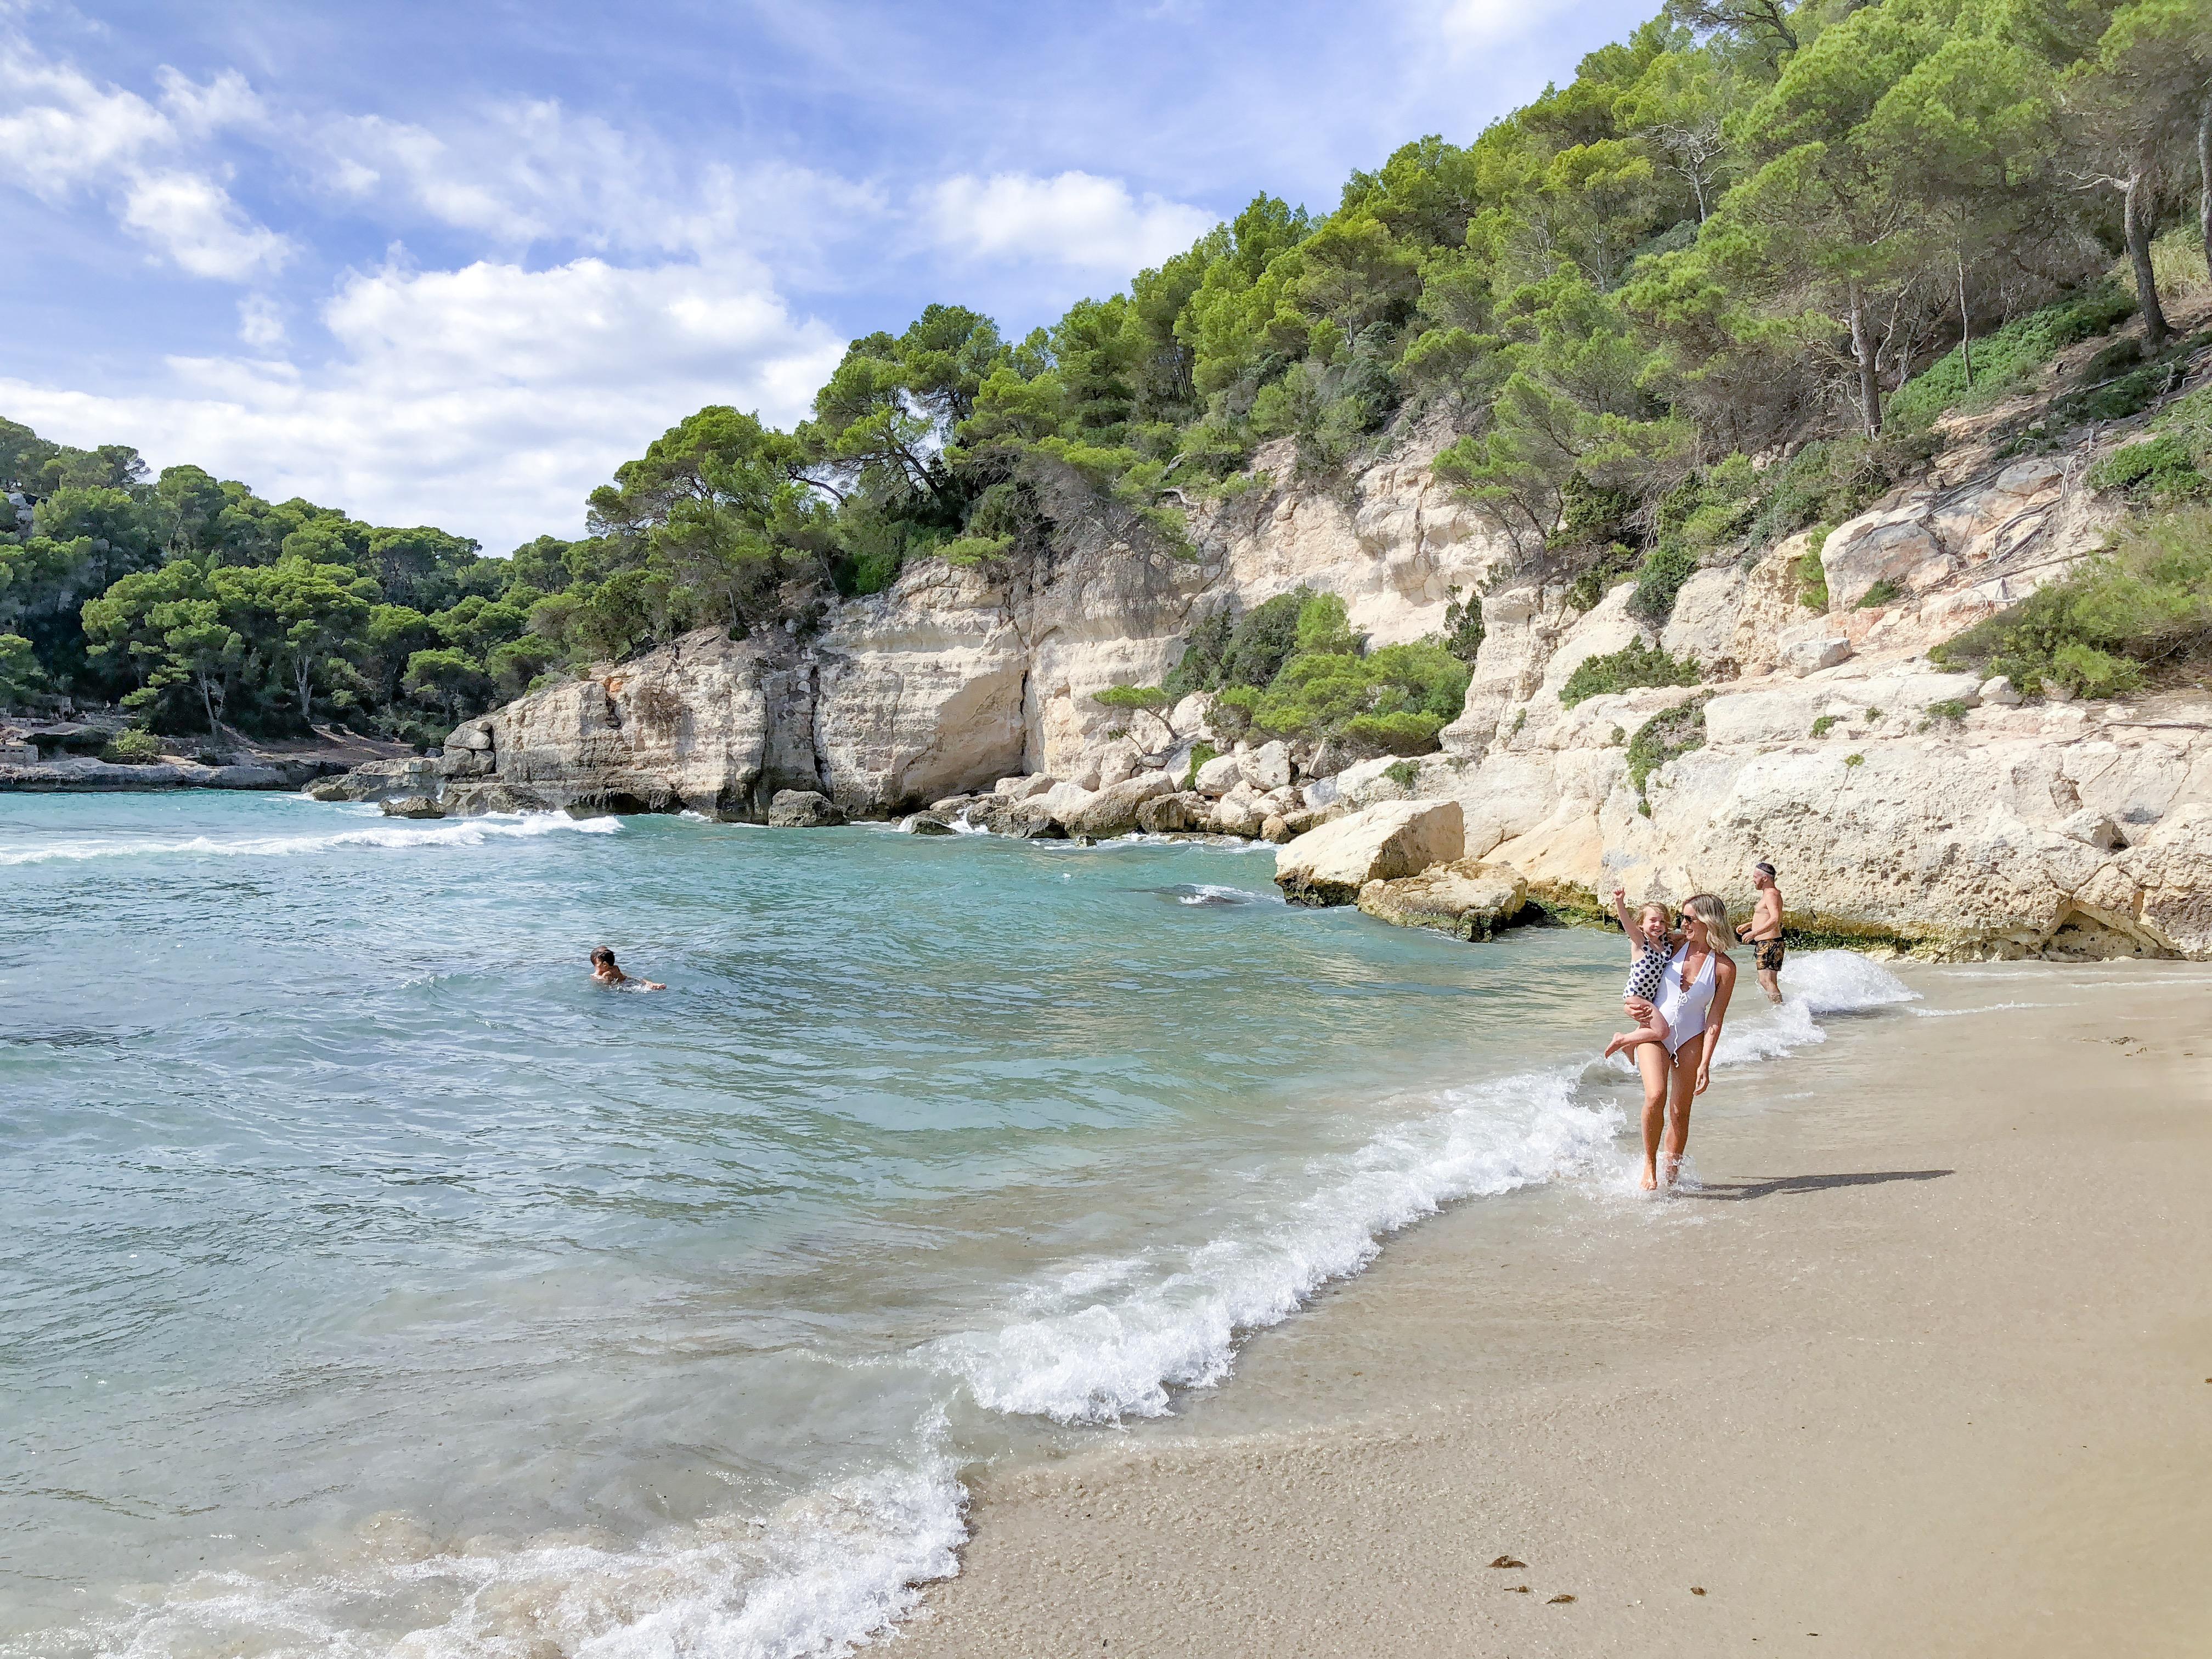 Melhores praias nas ilhas baleares - cala Mitjana